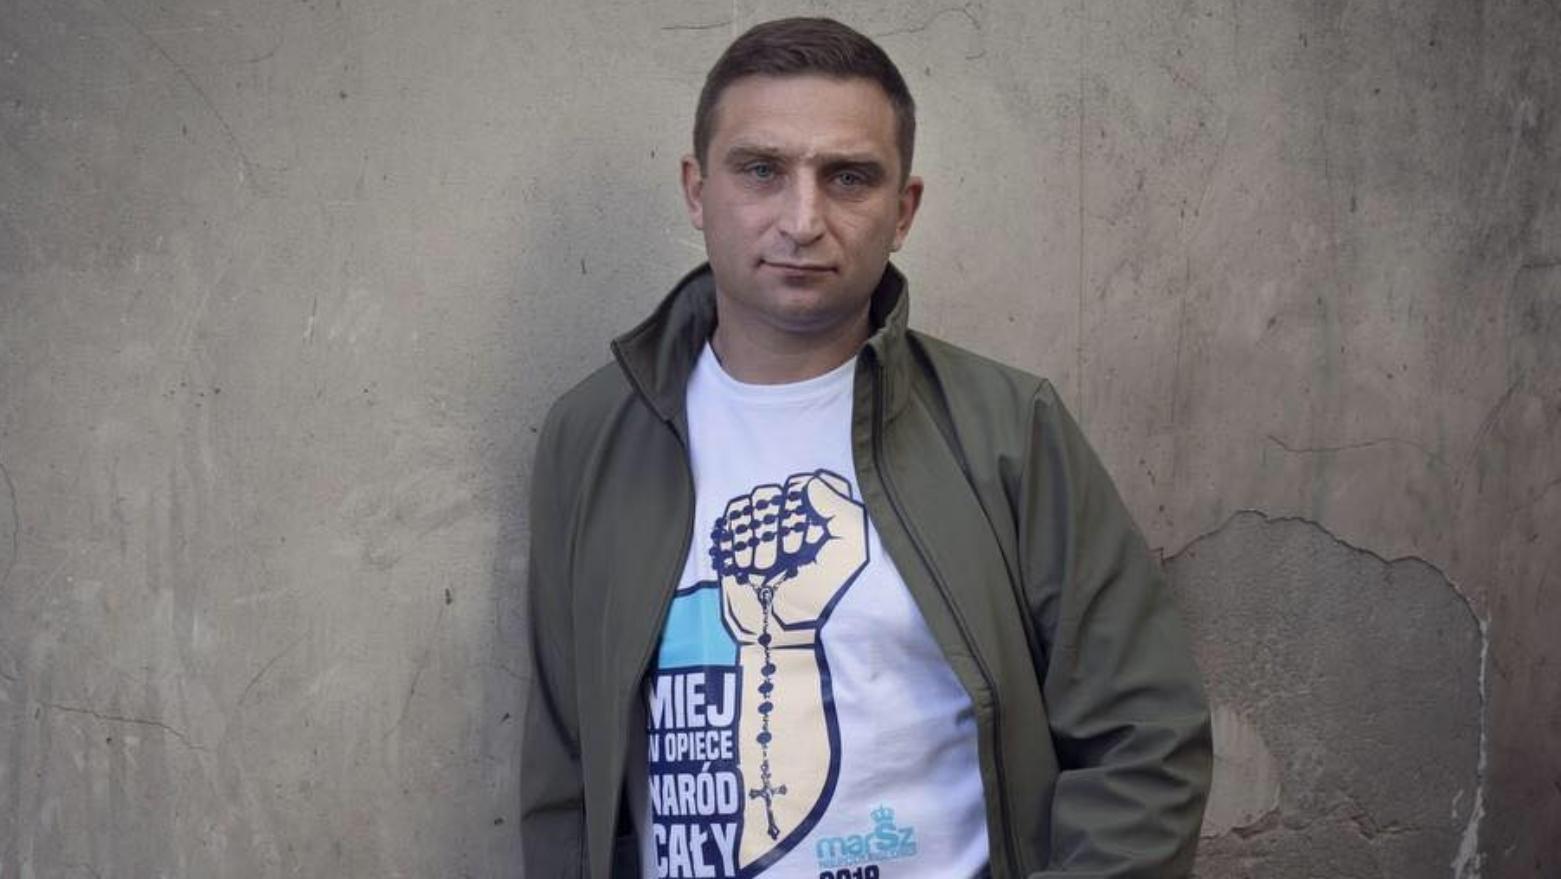 Bąkiewicz: Chętnie spotkam się z panią Traczyk-Stawską, PO wykorzystuje weteranów